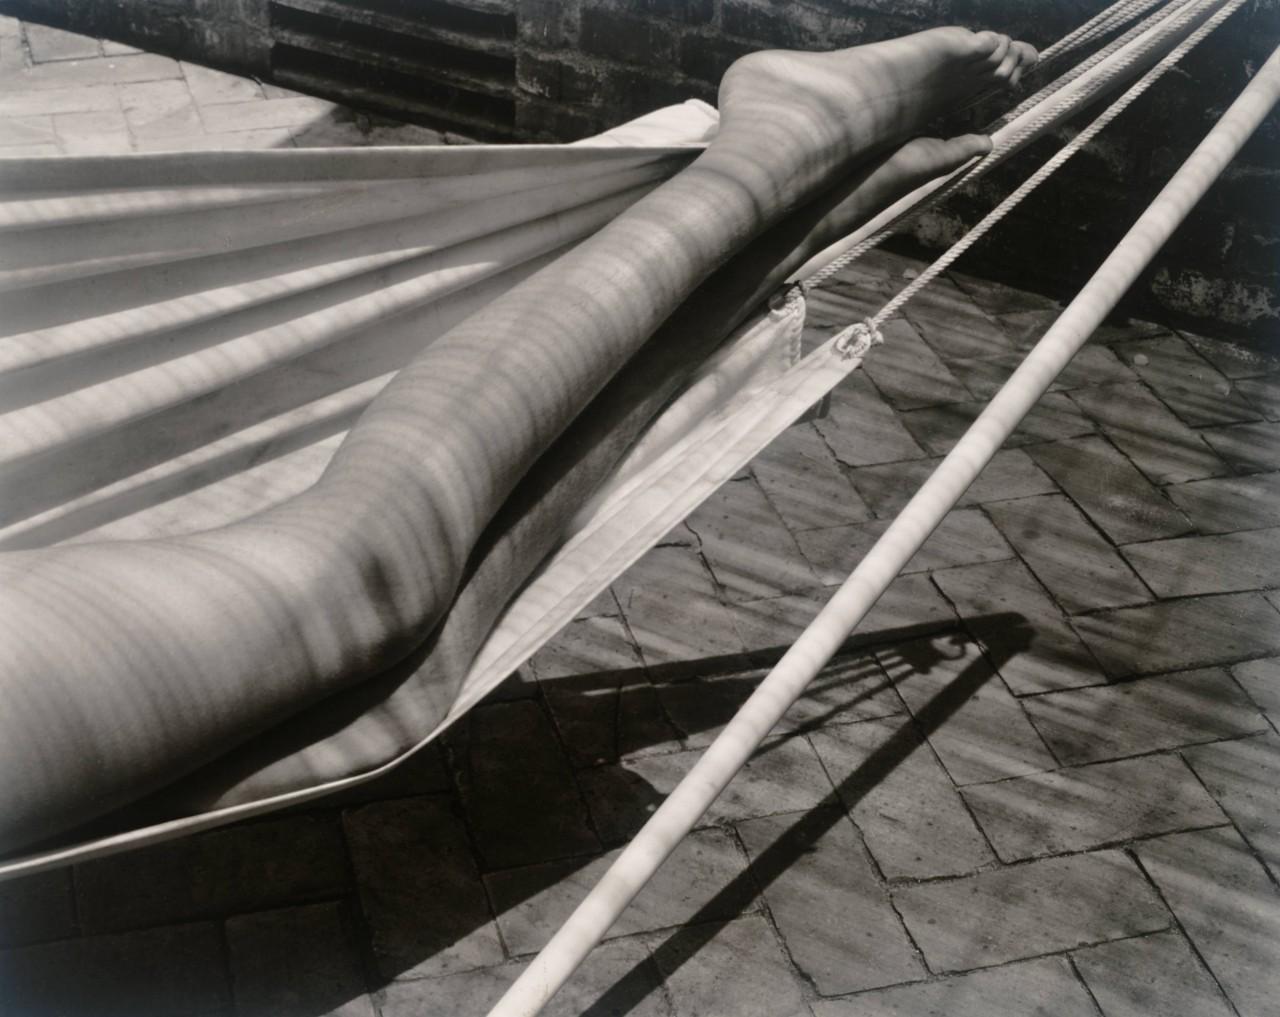 Ноги в гамаке, 1937. Фотограф Эдвард Уэстон